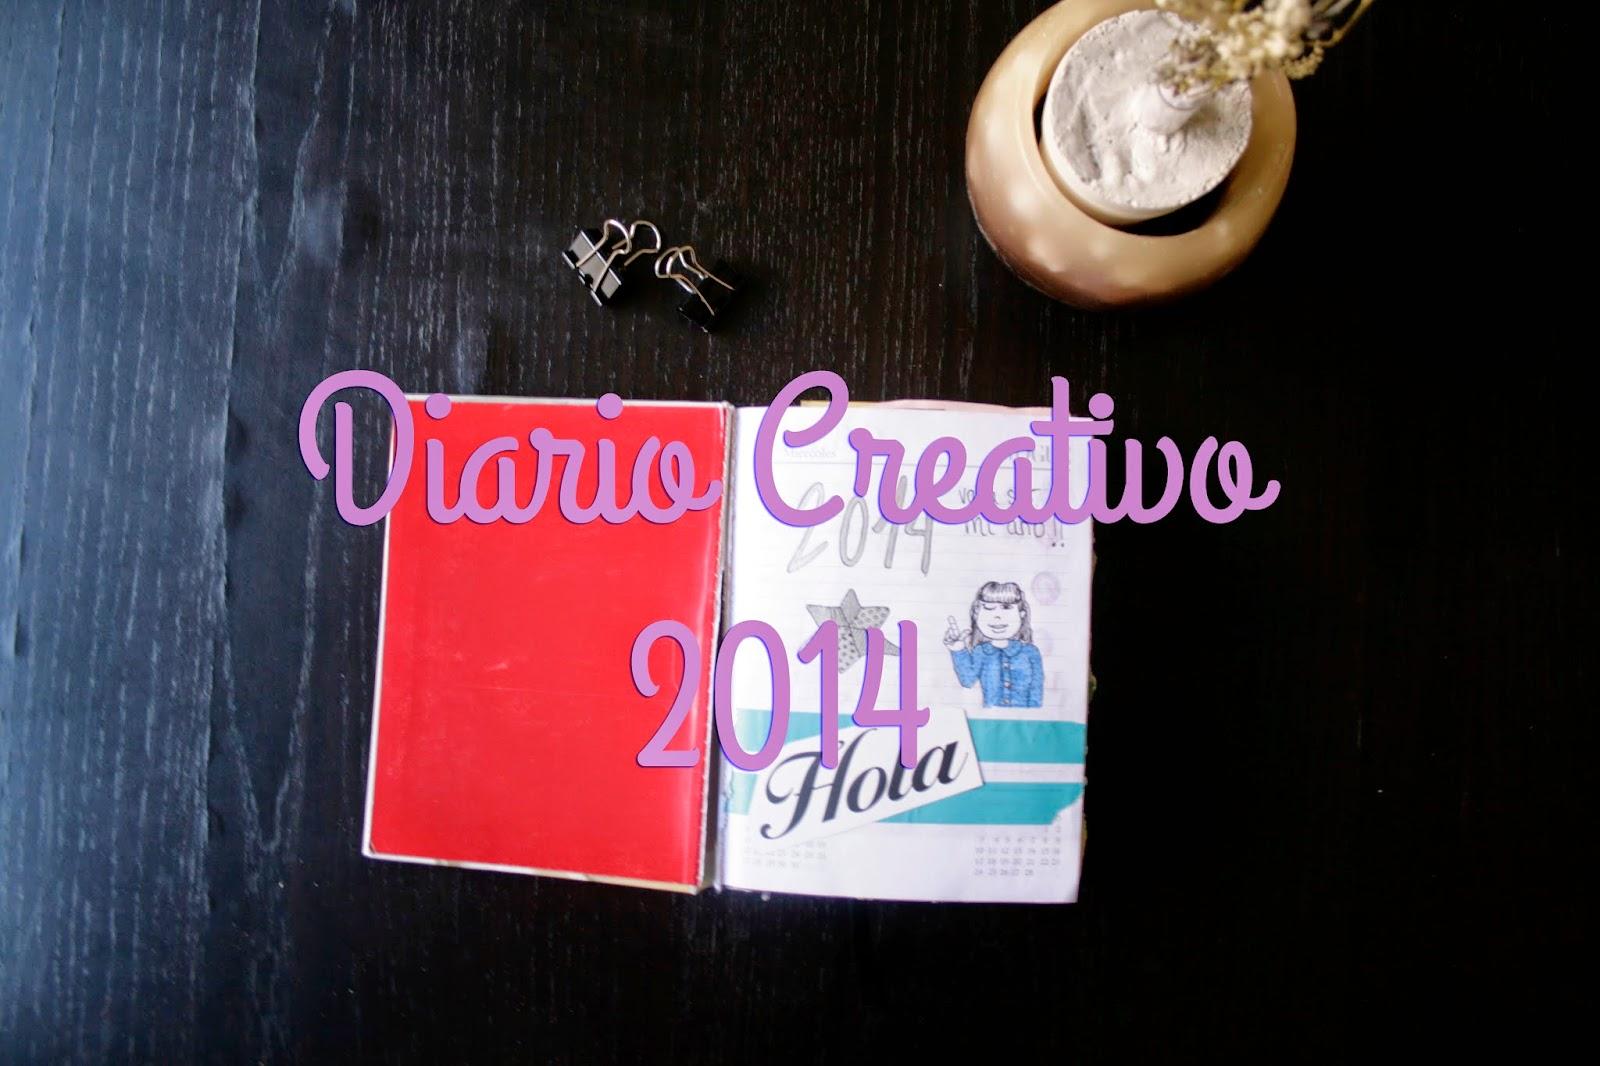 Diario creativo (artjournal)